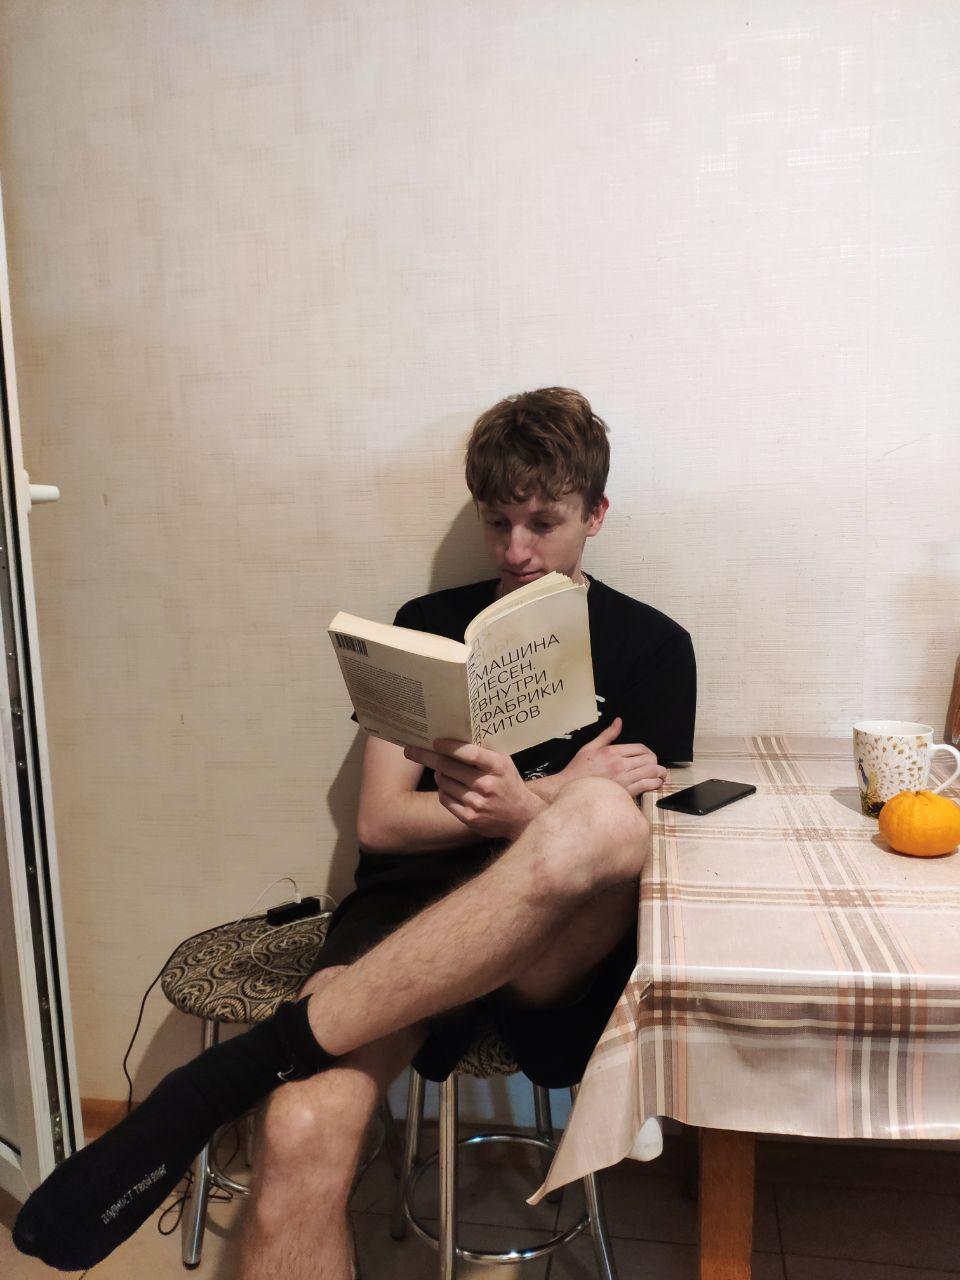 Влад із «ПОТОПу» читає книжку або робить вигляд, що читає